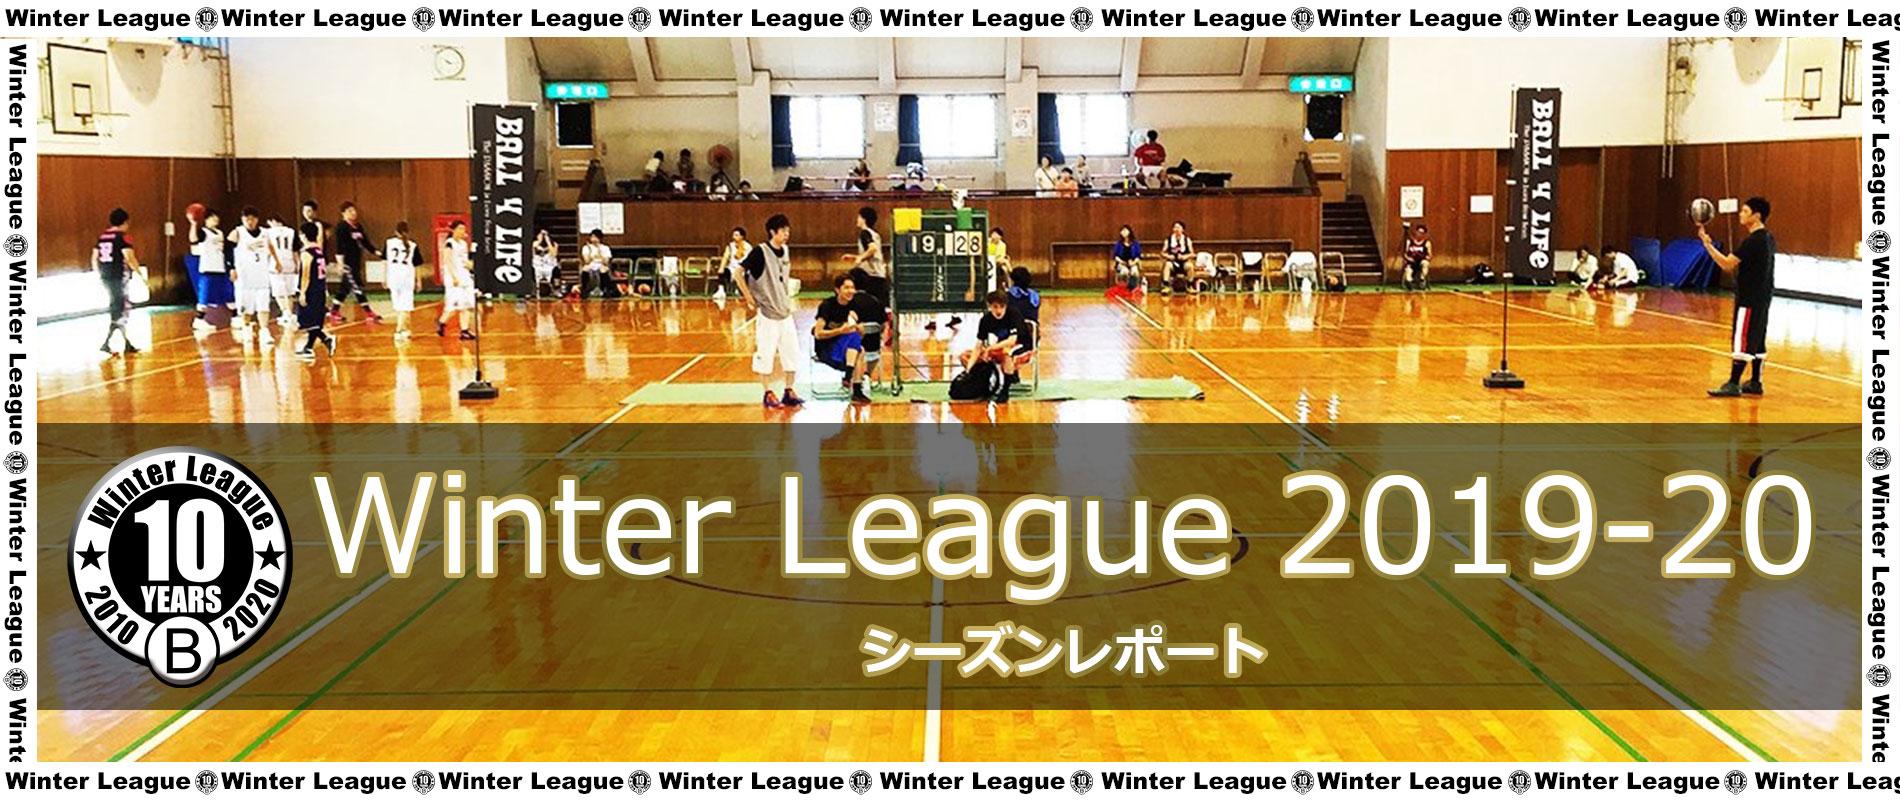 Winter League シーズンレポート